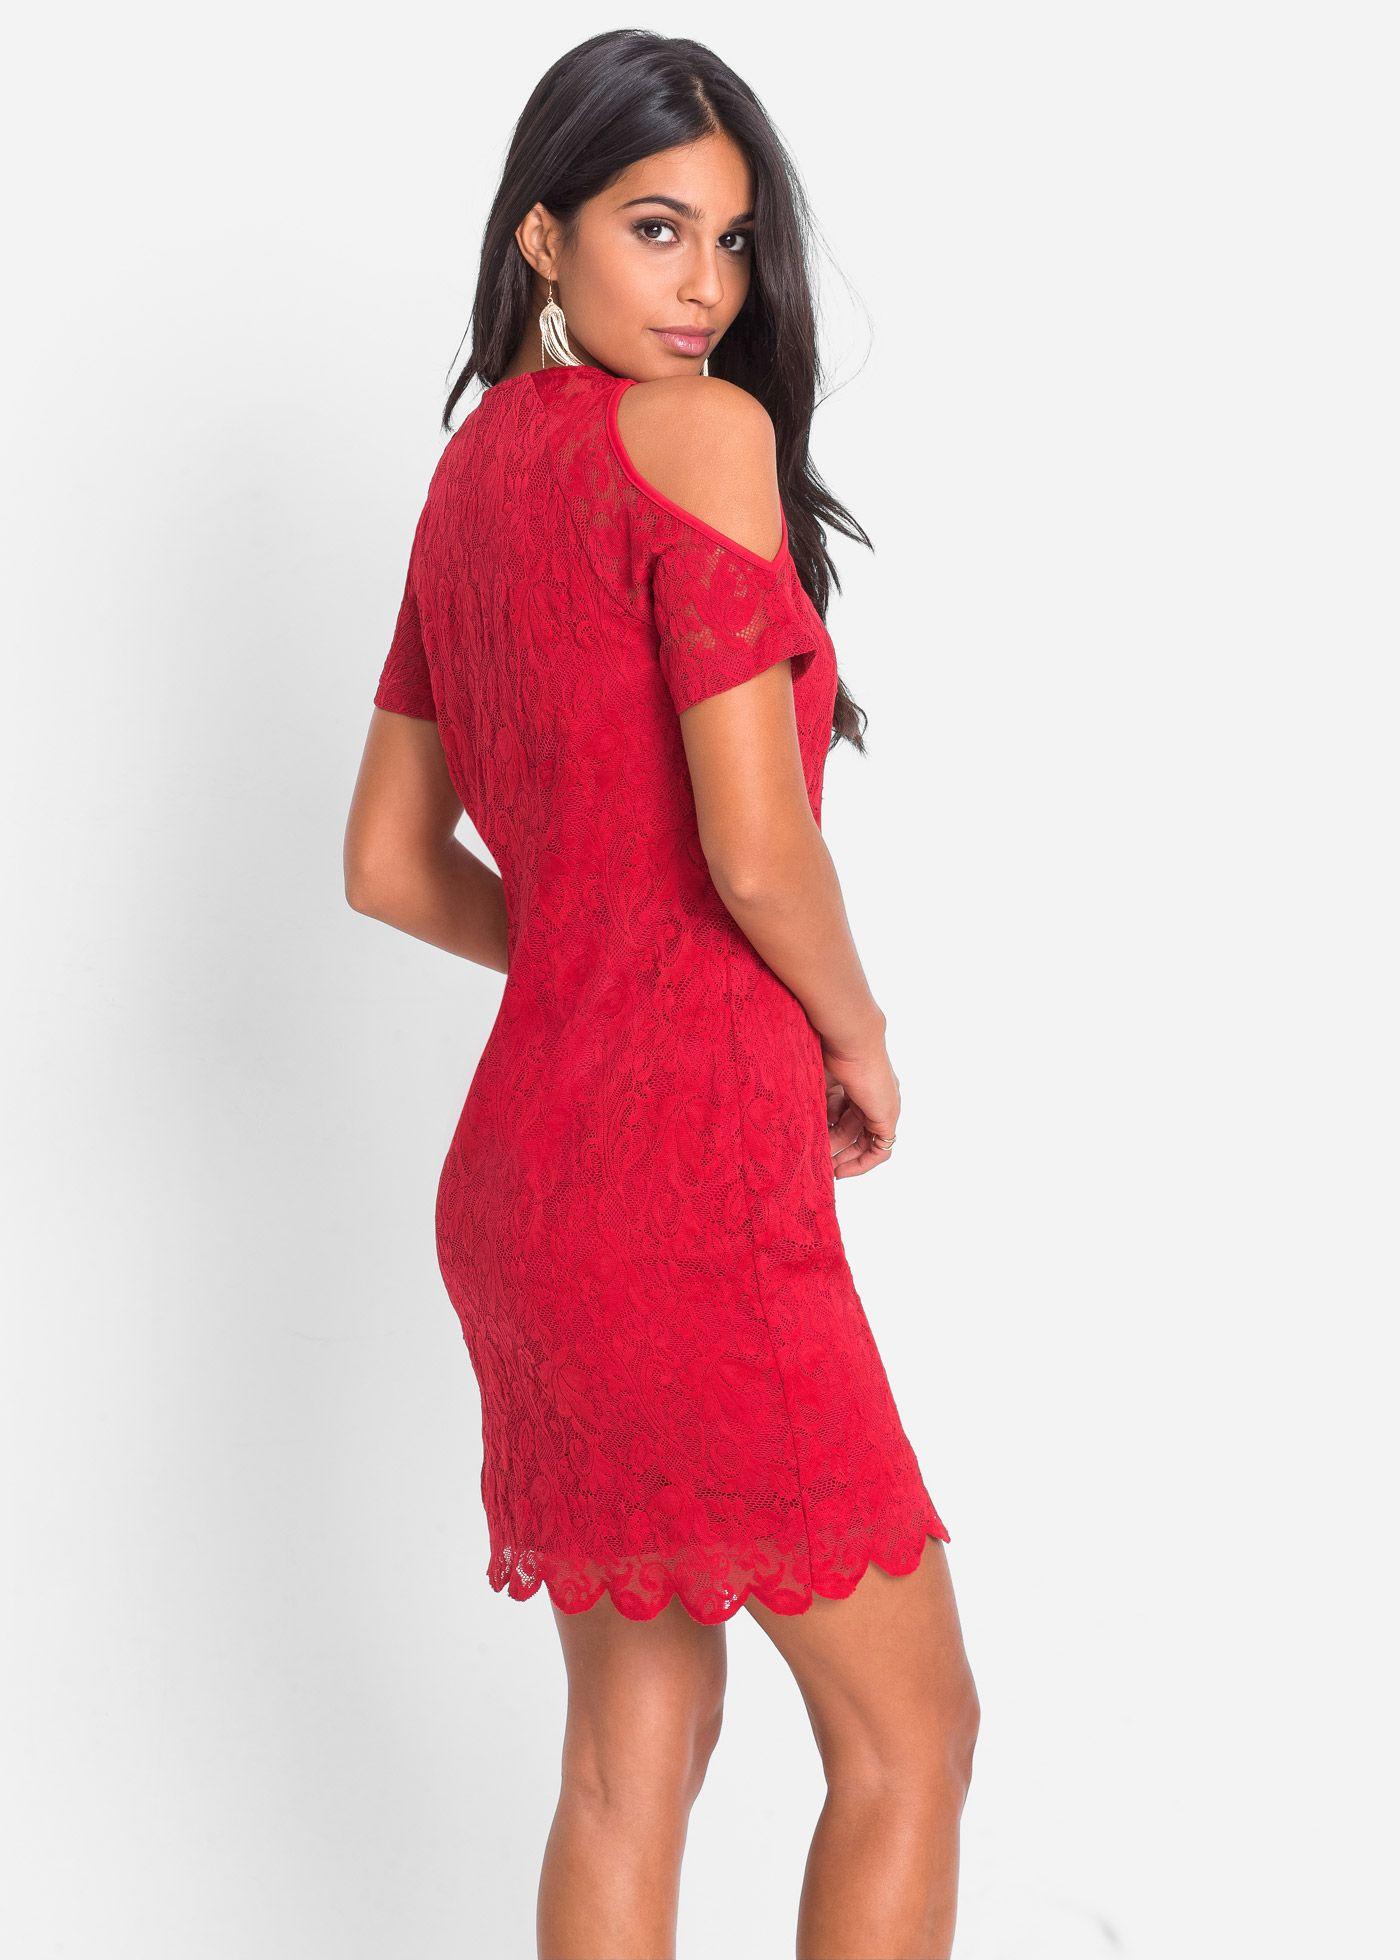 a43a9add45c2 Spitzenkleid mit Cut-Out rot jetzt im Online Shop von bonprix.de ab ...